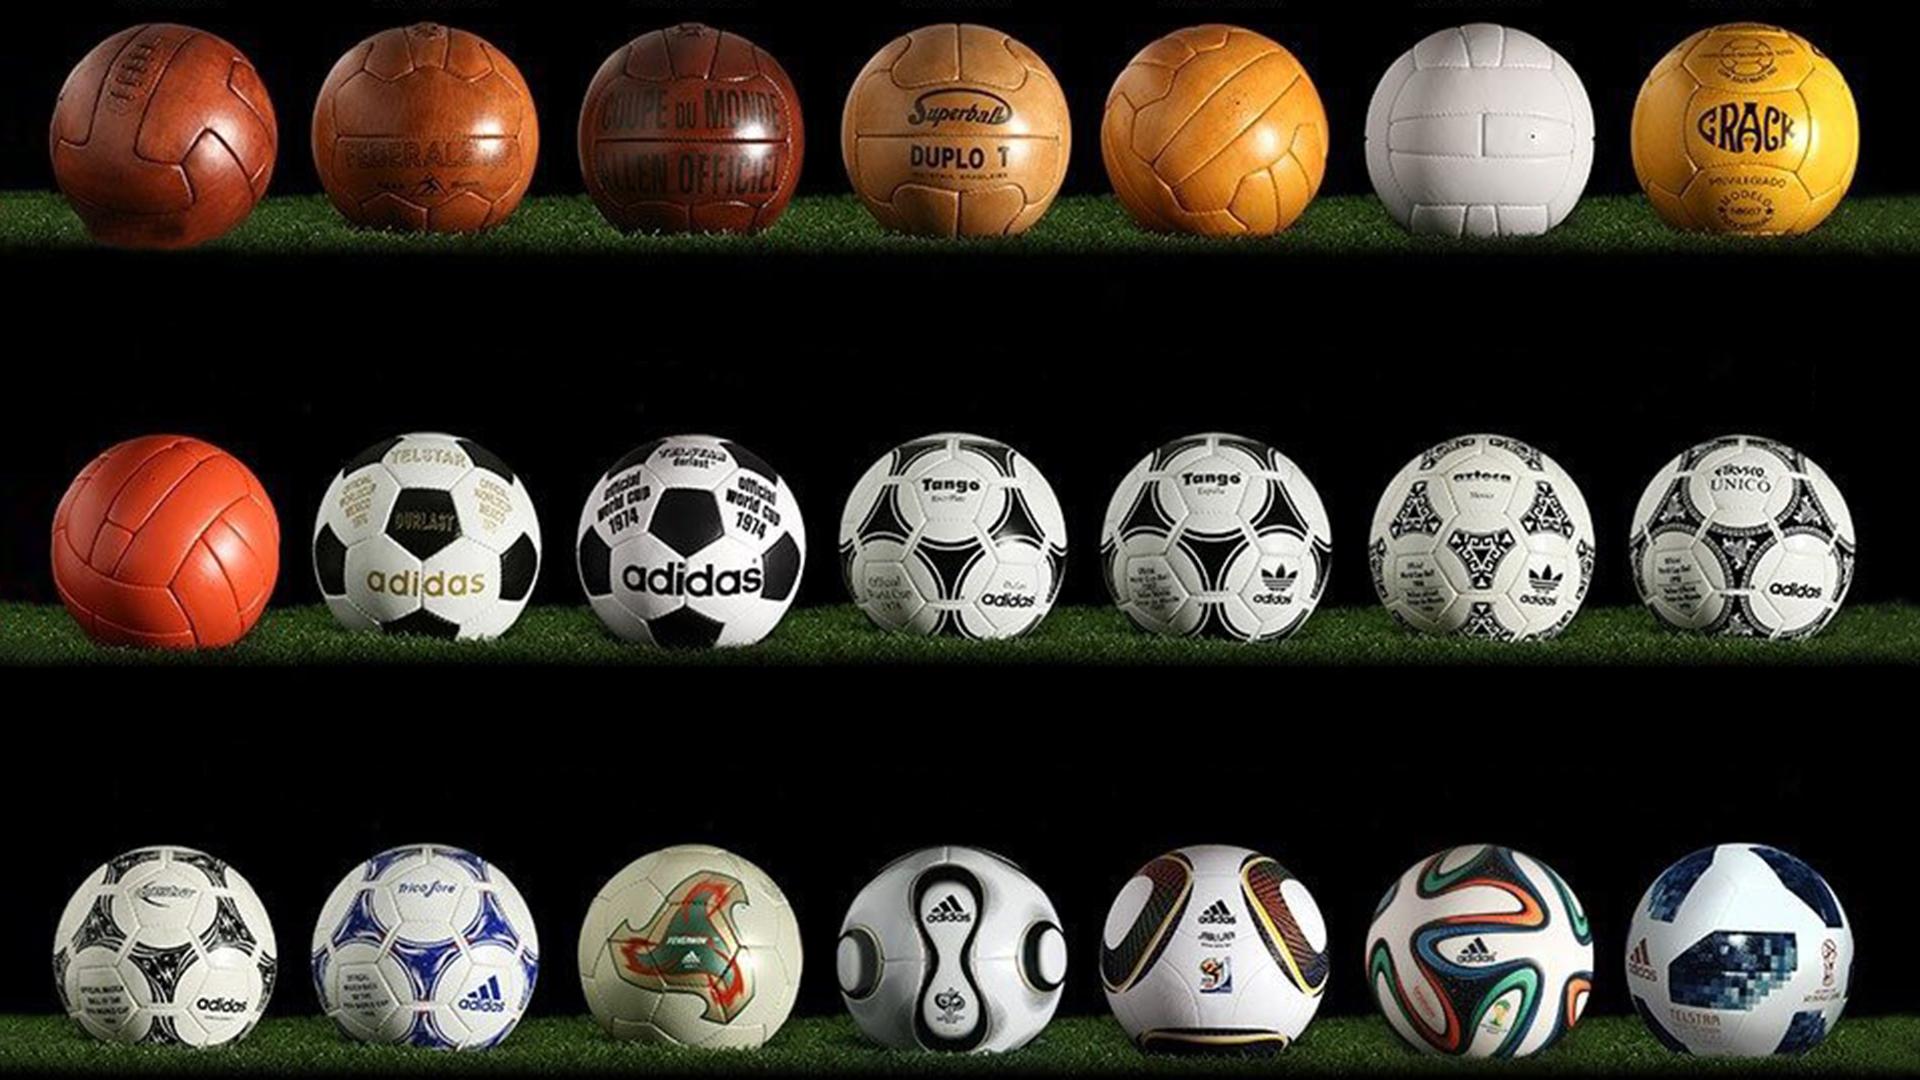 La curiosa razón por la que las pelotas de los Mundiales tuvieron que  cambiar de color - Infobae e4402bf65fba7